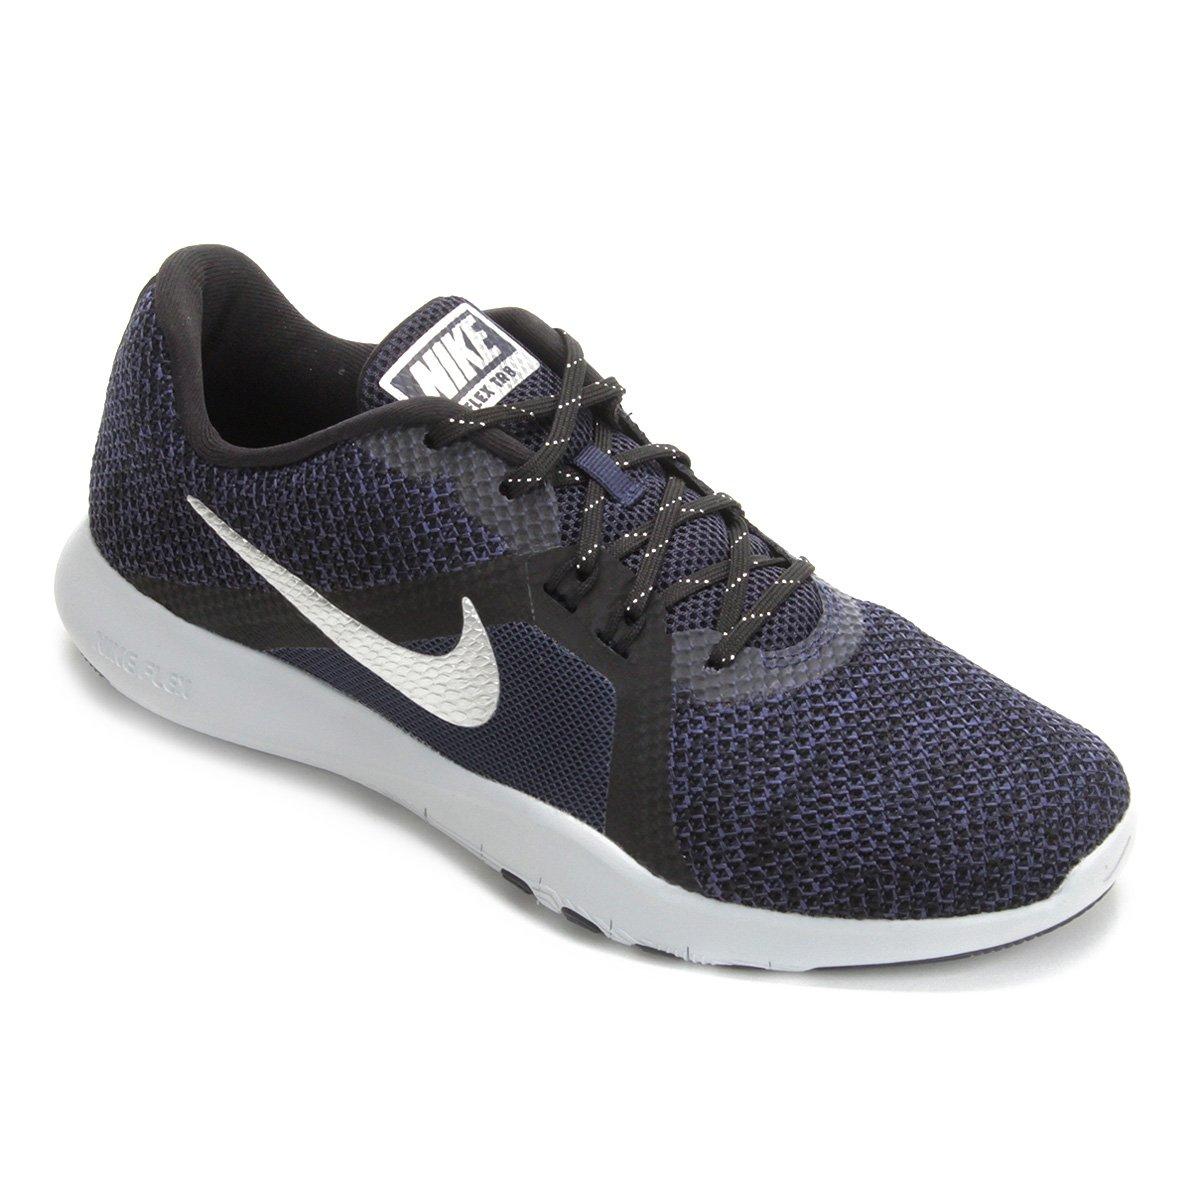 056acd98f1 Tênis Nike Flex Trainer 8 Premium Feminino - Compre Agora